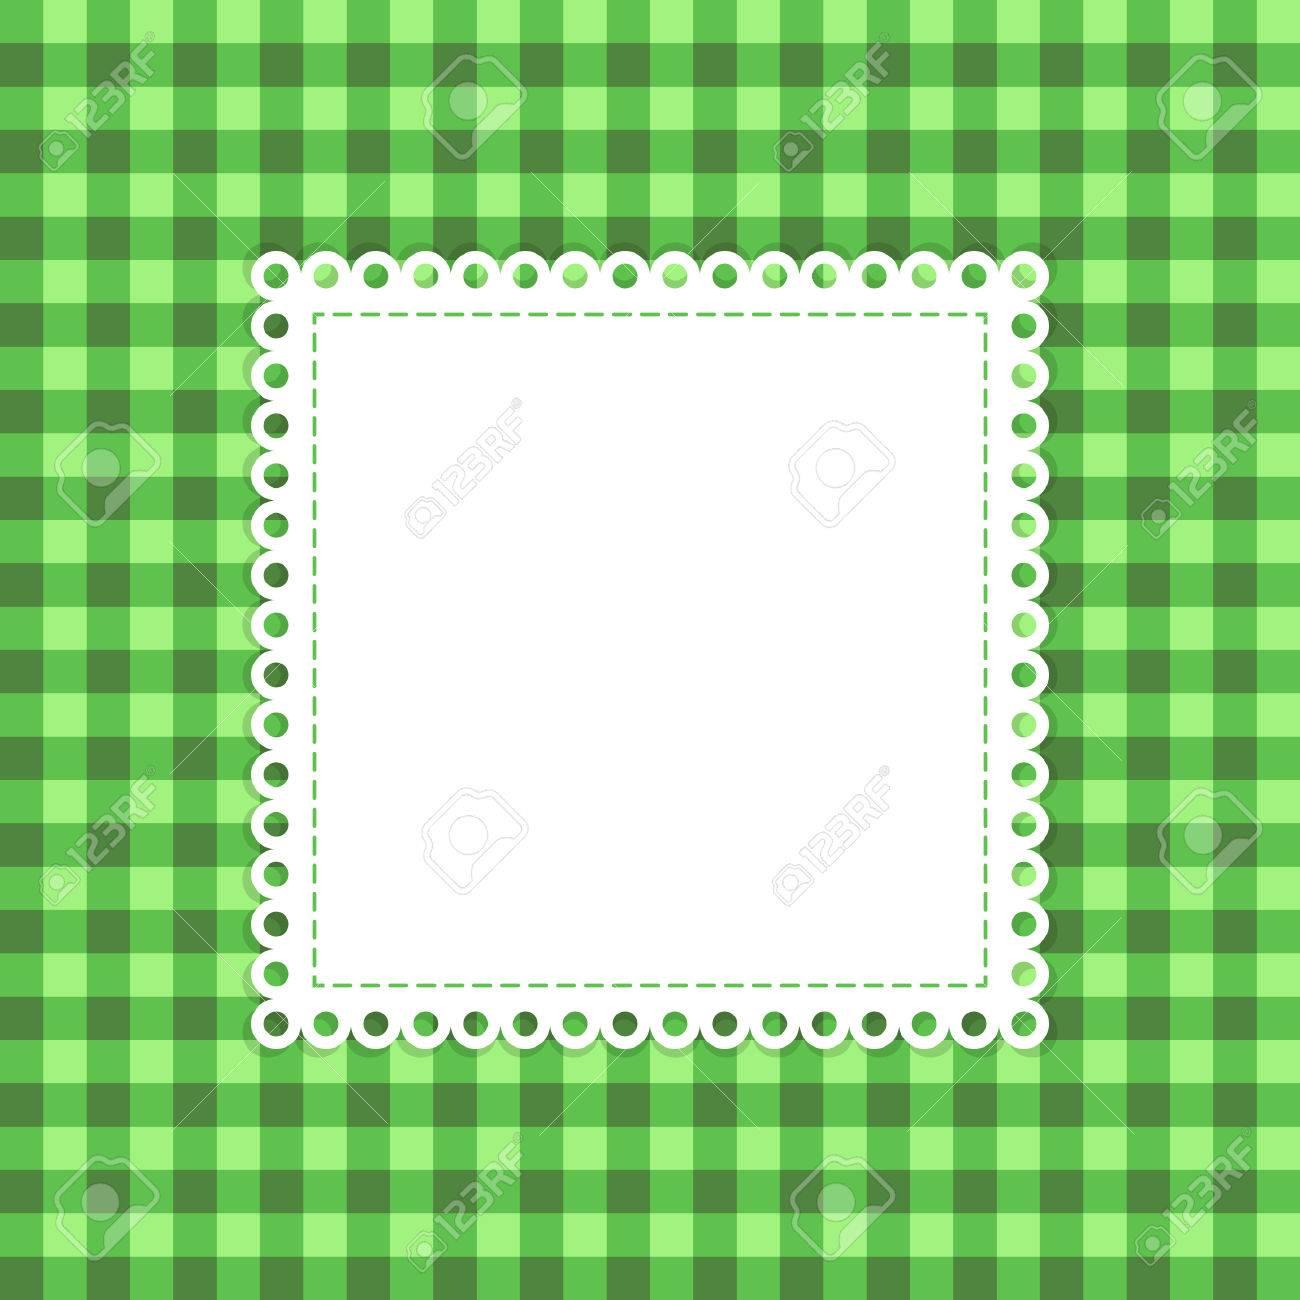 Auf Grün-Vektor-Vorlage. Grüner Hintergrund Mit überlappenden ...